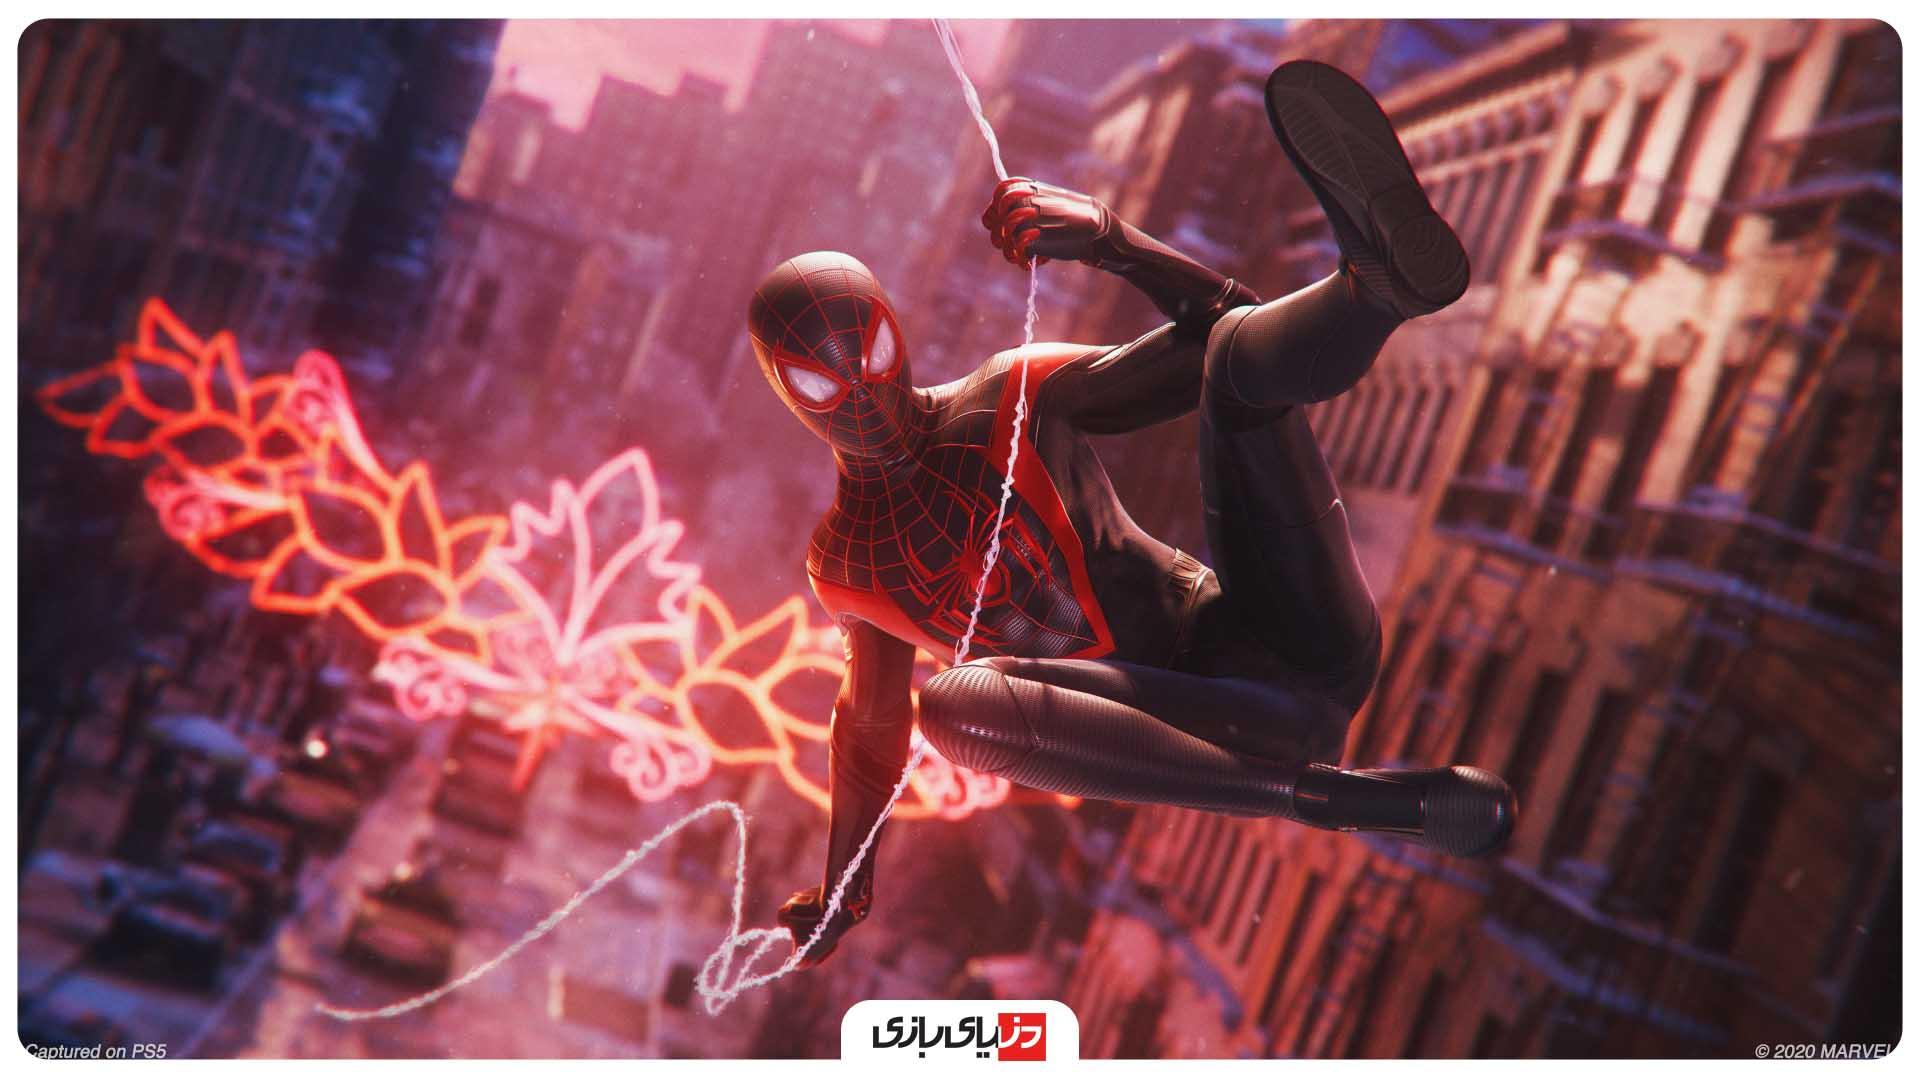 بهترین بازی ها از نظر IGN – بازی Marvel's Spider-Man: Miles Morales